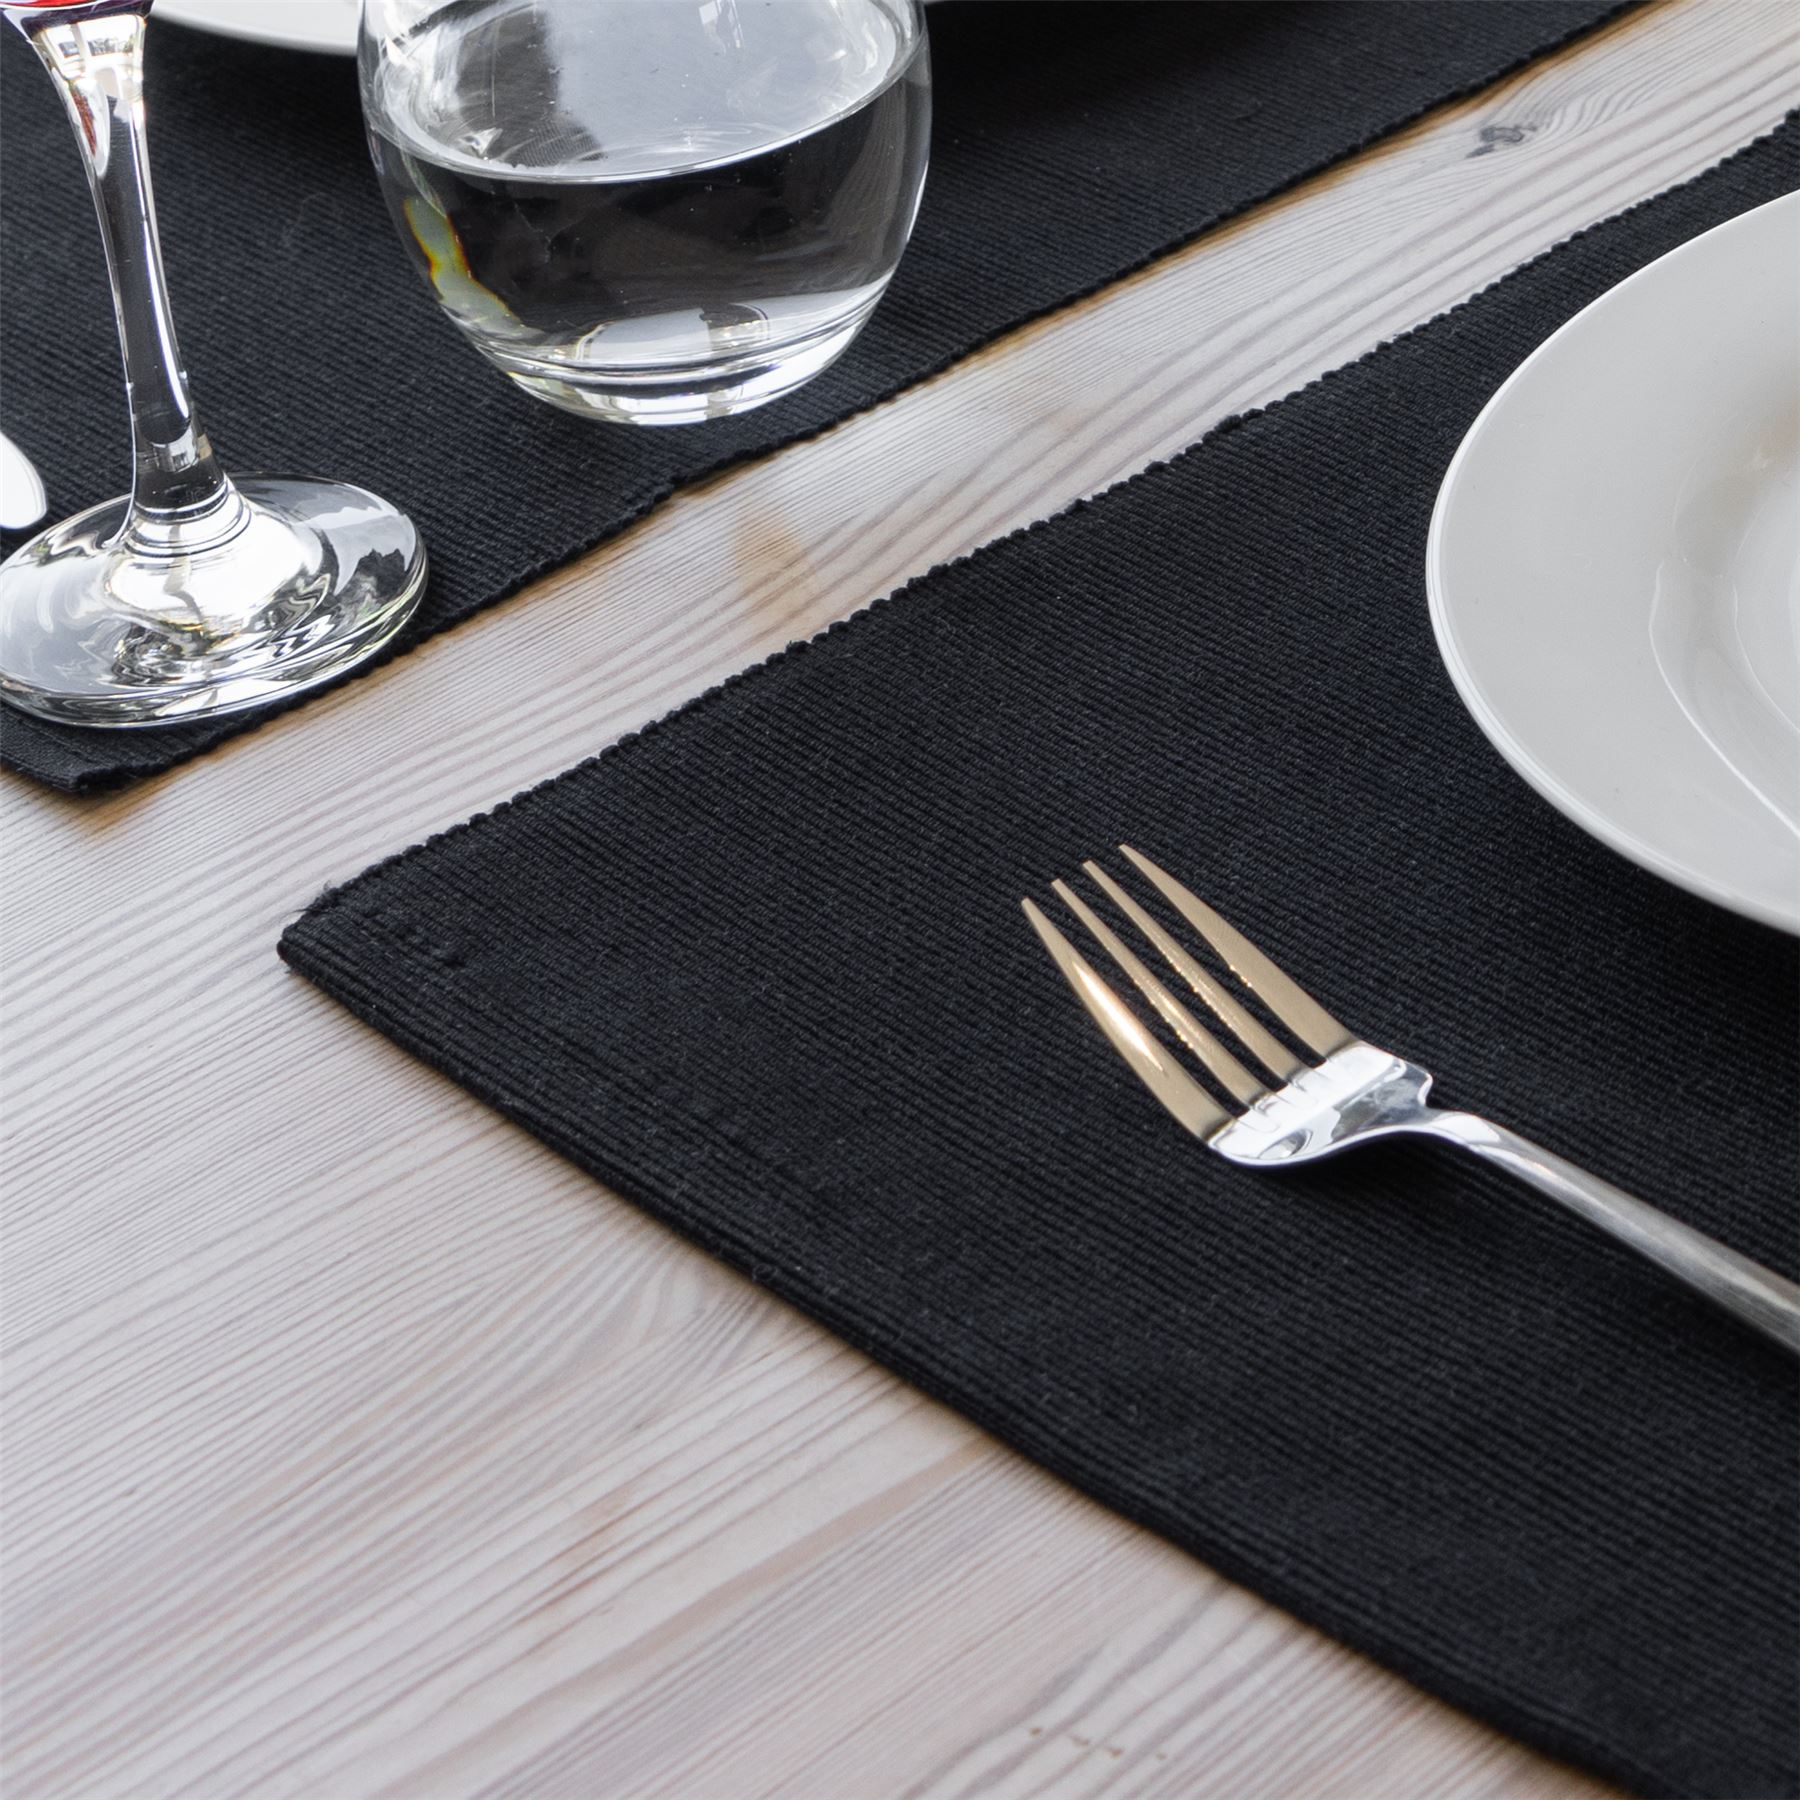 6x gewelltes Rechteck Cotton Esstisch Tischsets Schwarz 480 x 330 mm